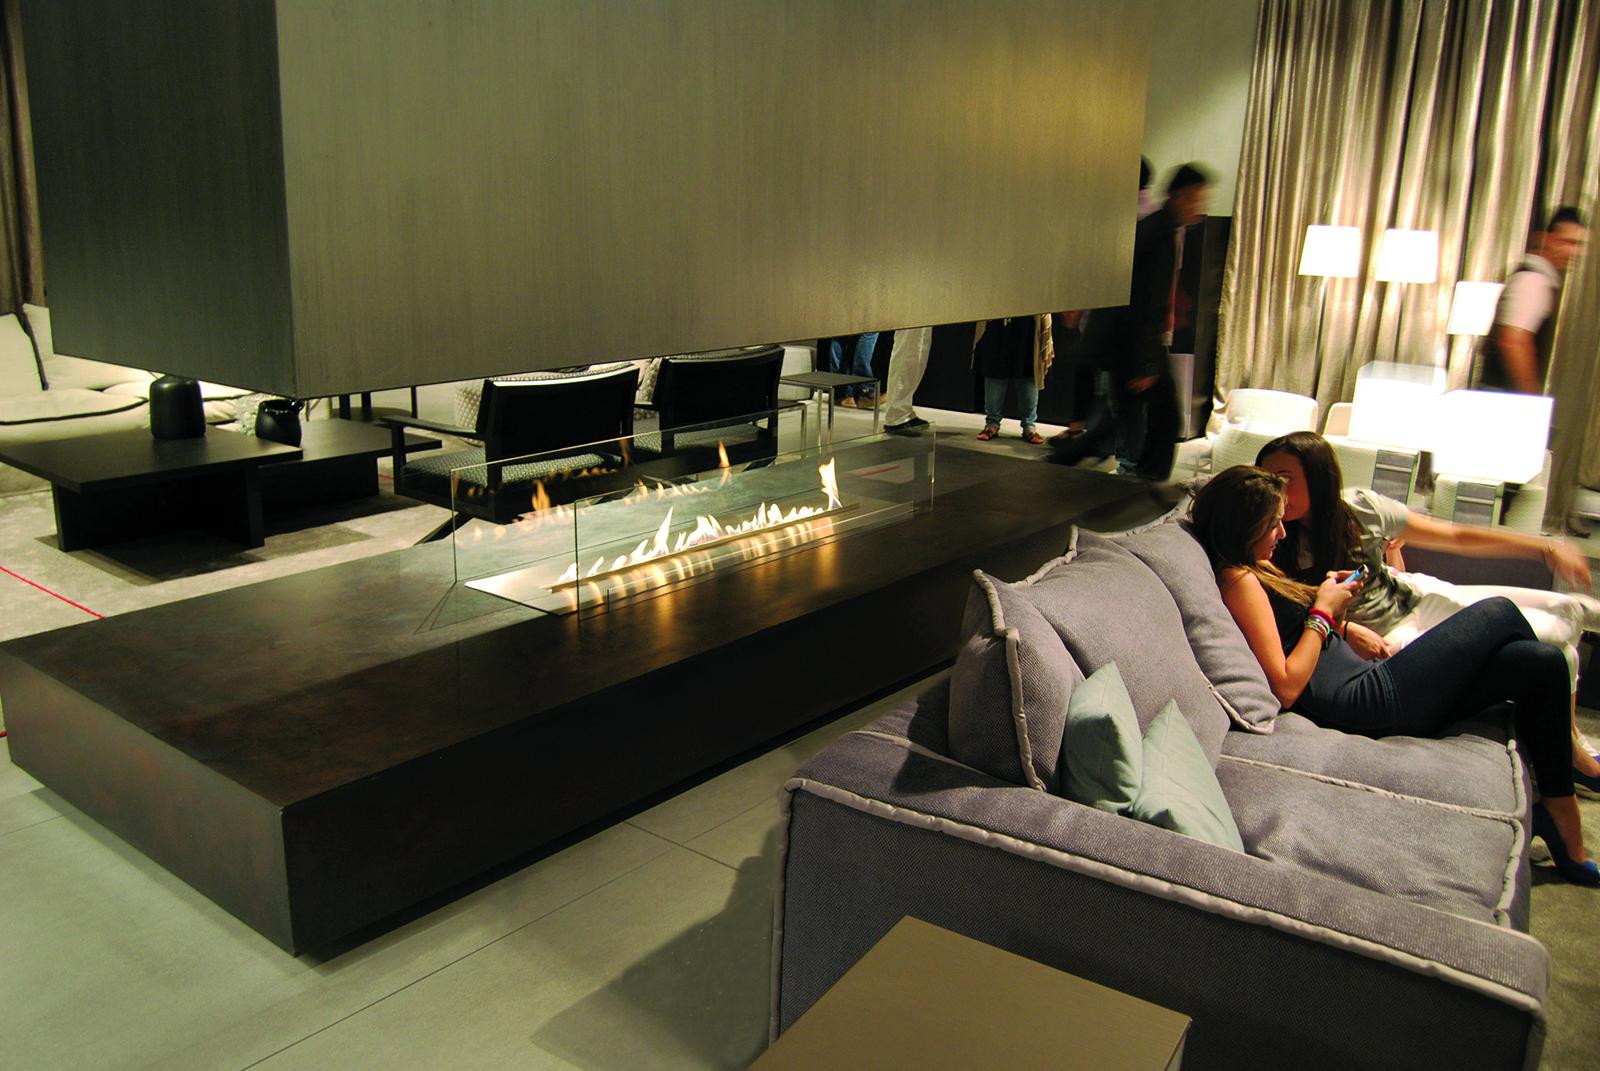 Fire-Line-Automatic-Planika-Salone-Internazionale-del-Mobile-Milan-2011-room-divider.jpg